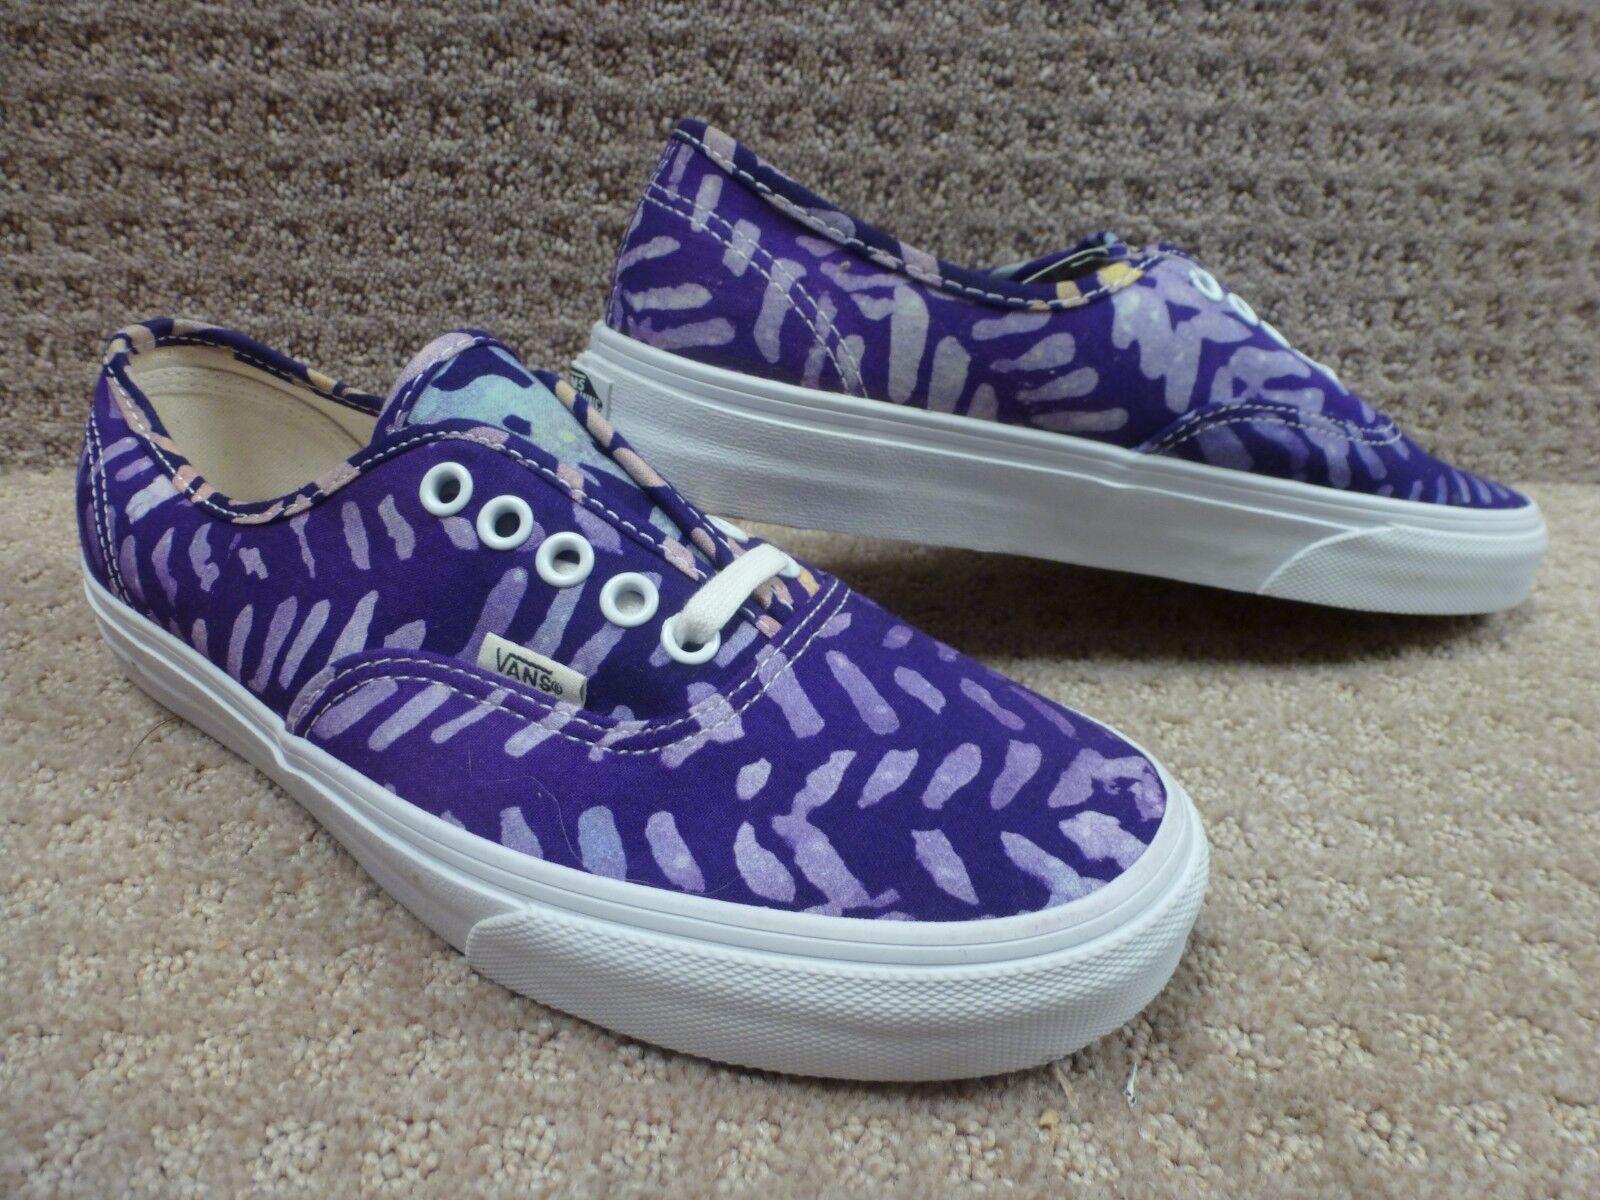 Vans Men's Batik/Multi Shoes